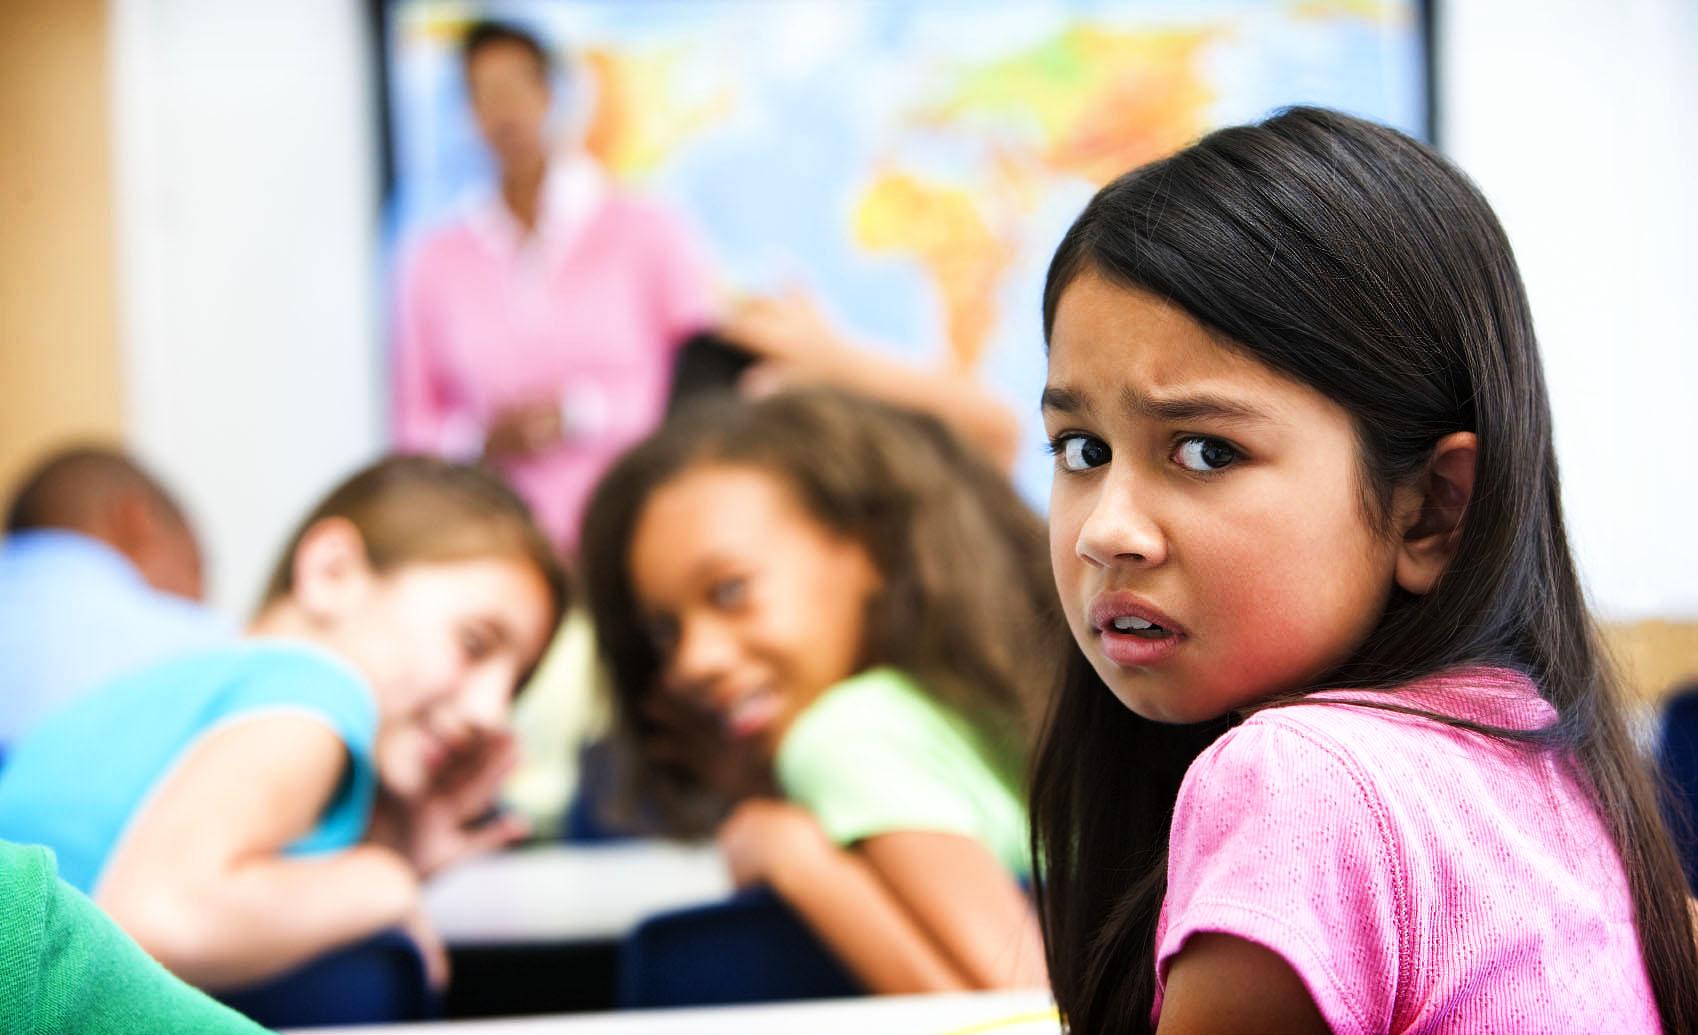 Cómo afecta el divorcio y el bullying a los hijos